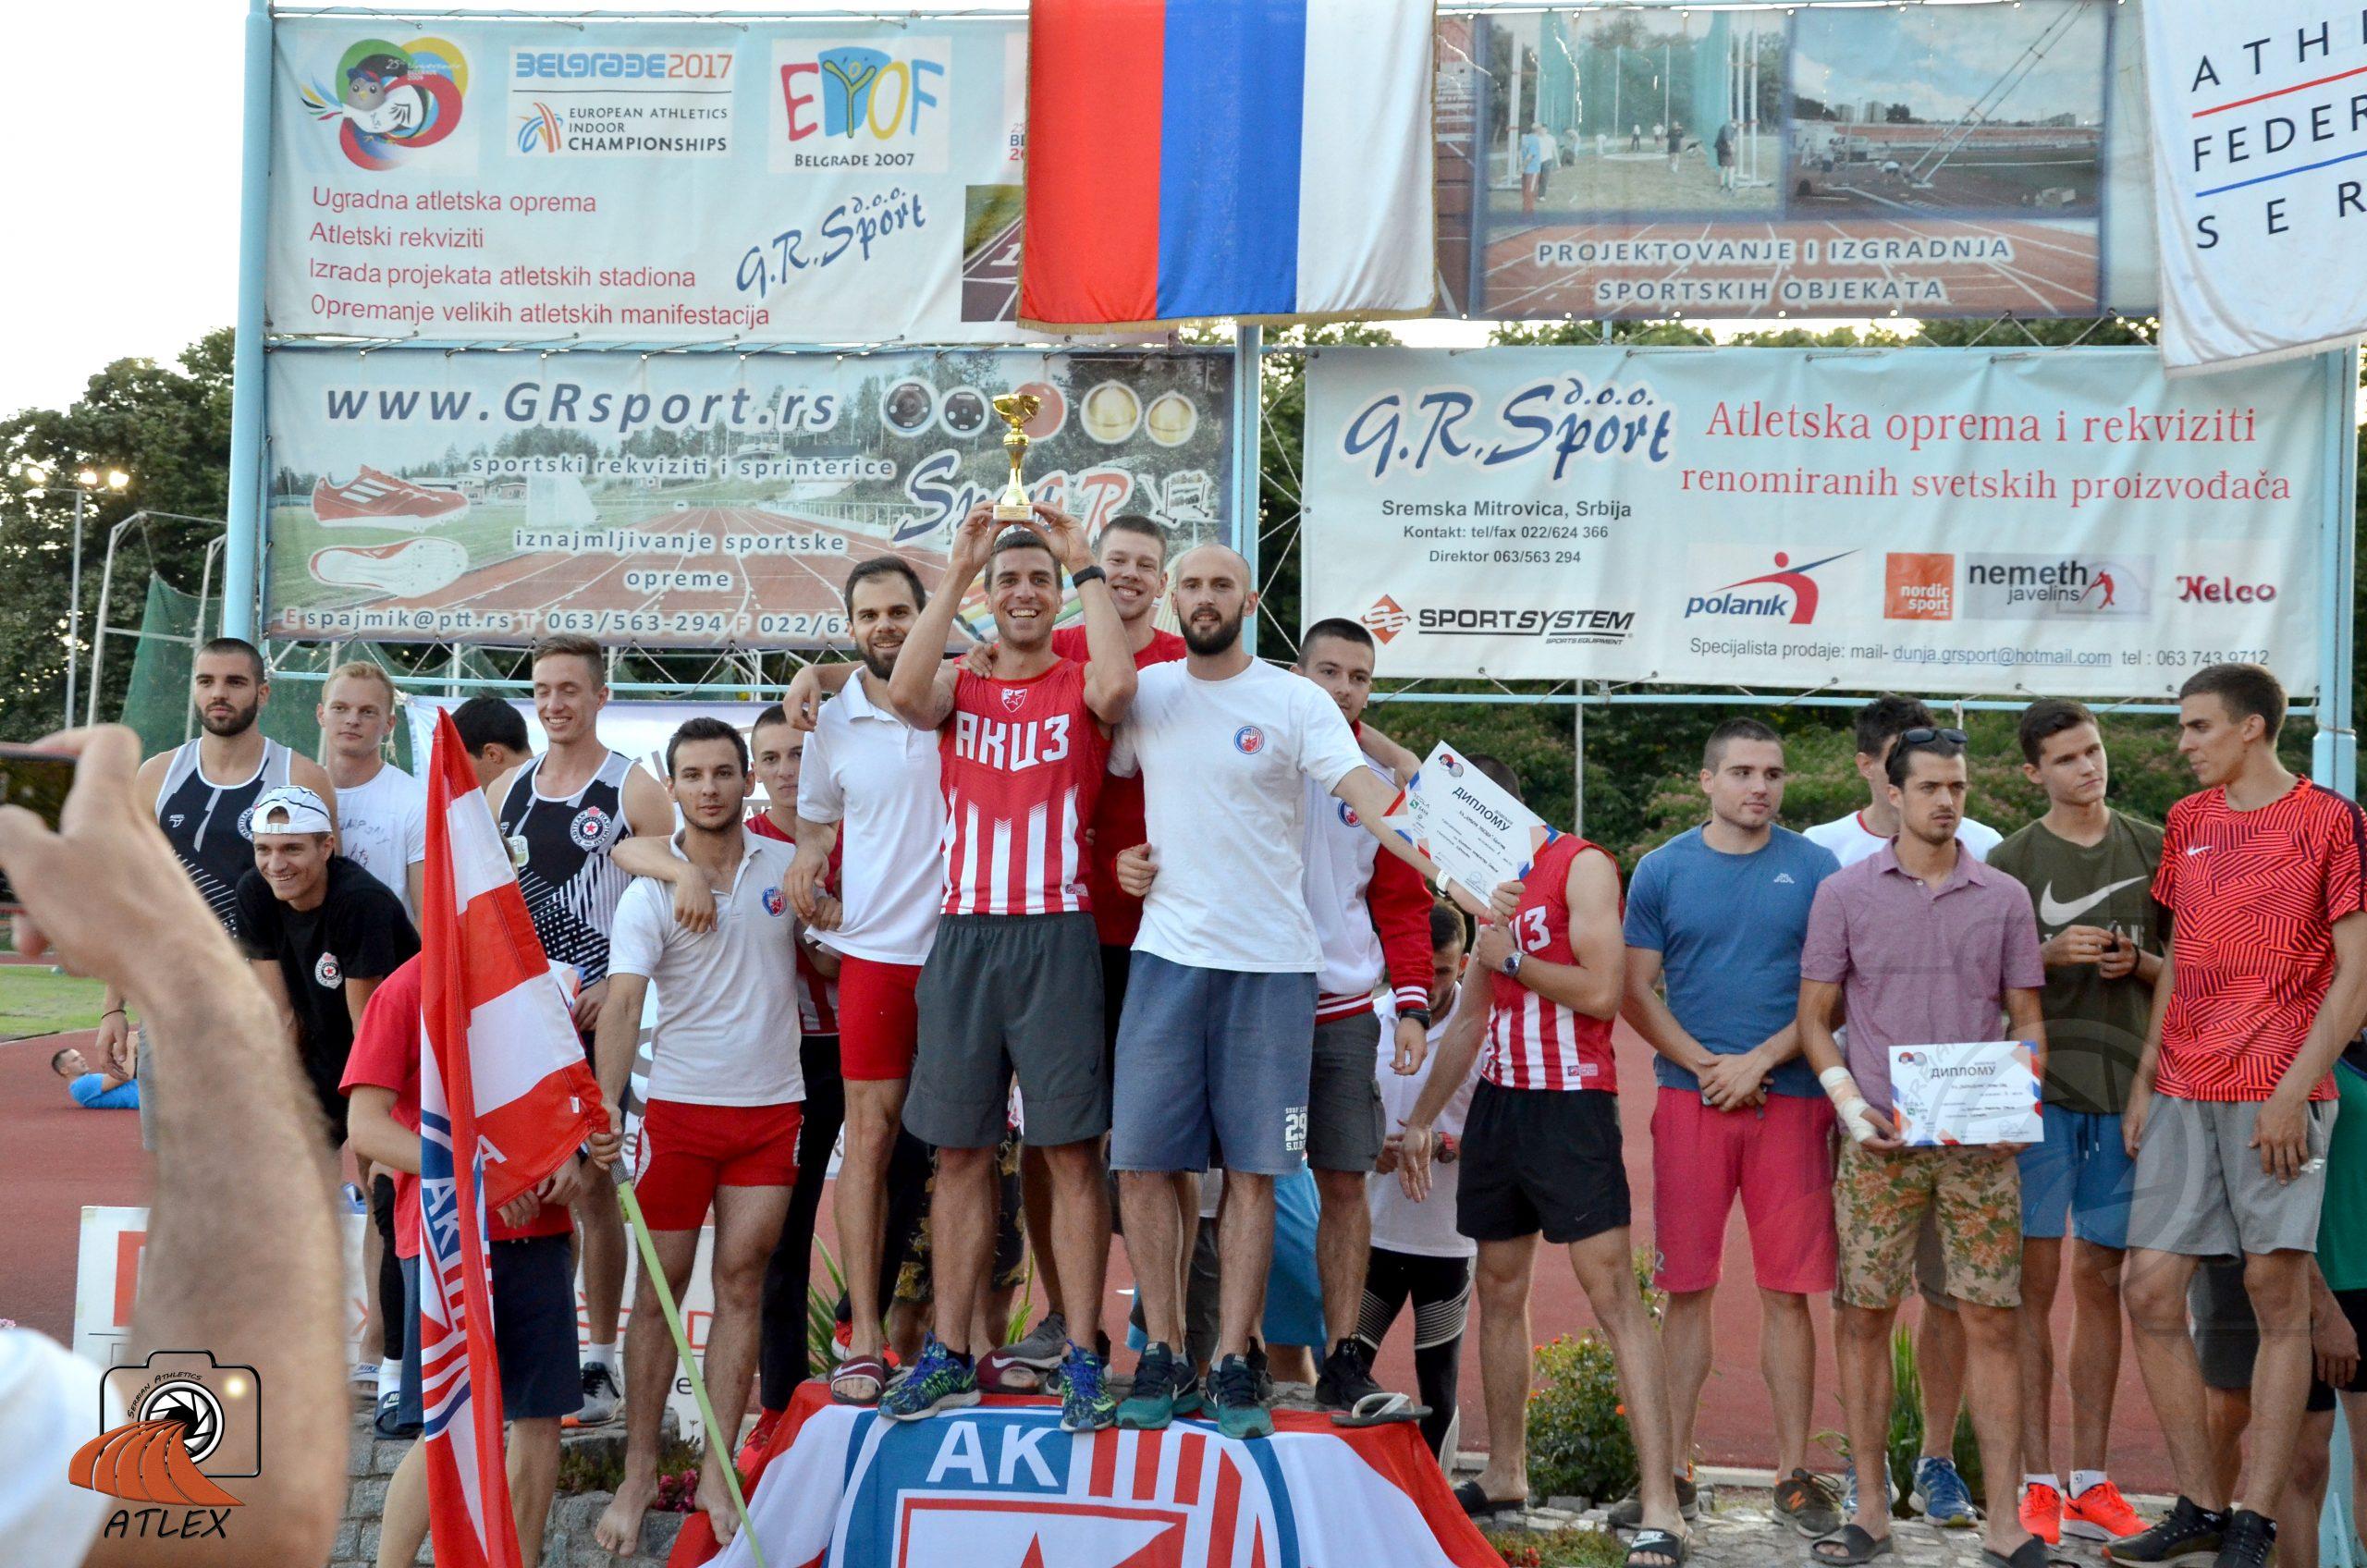 Ekipmno prvenstvo Srbije 2019, muškarci, šampion Crvena zvezda